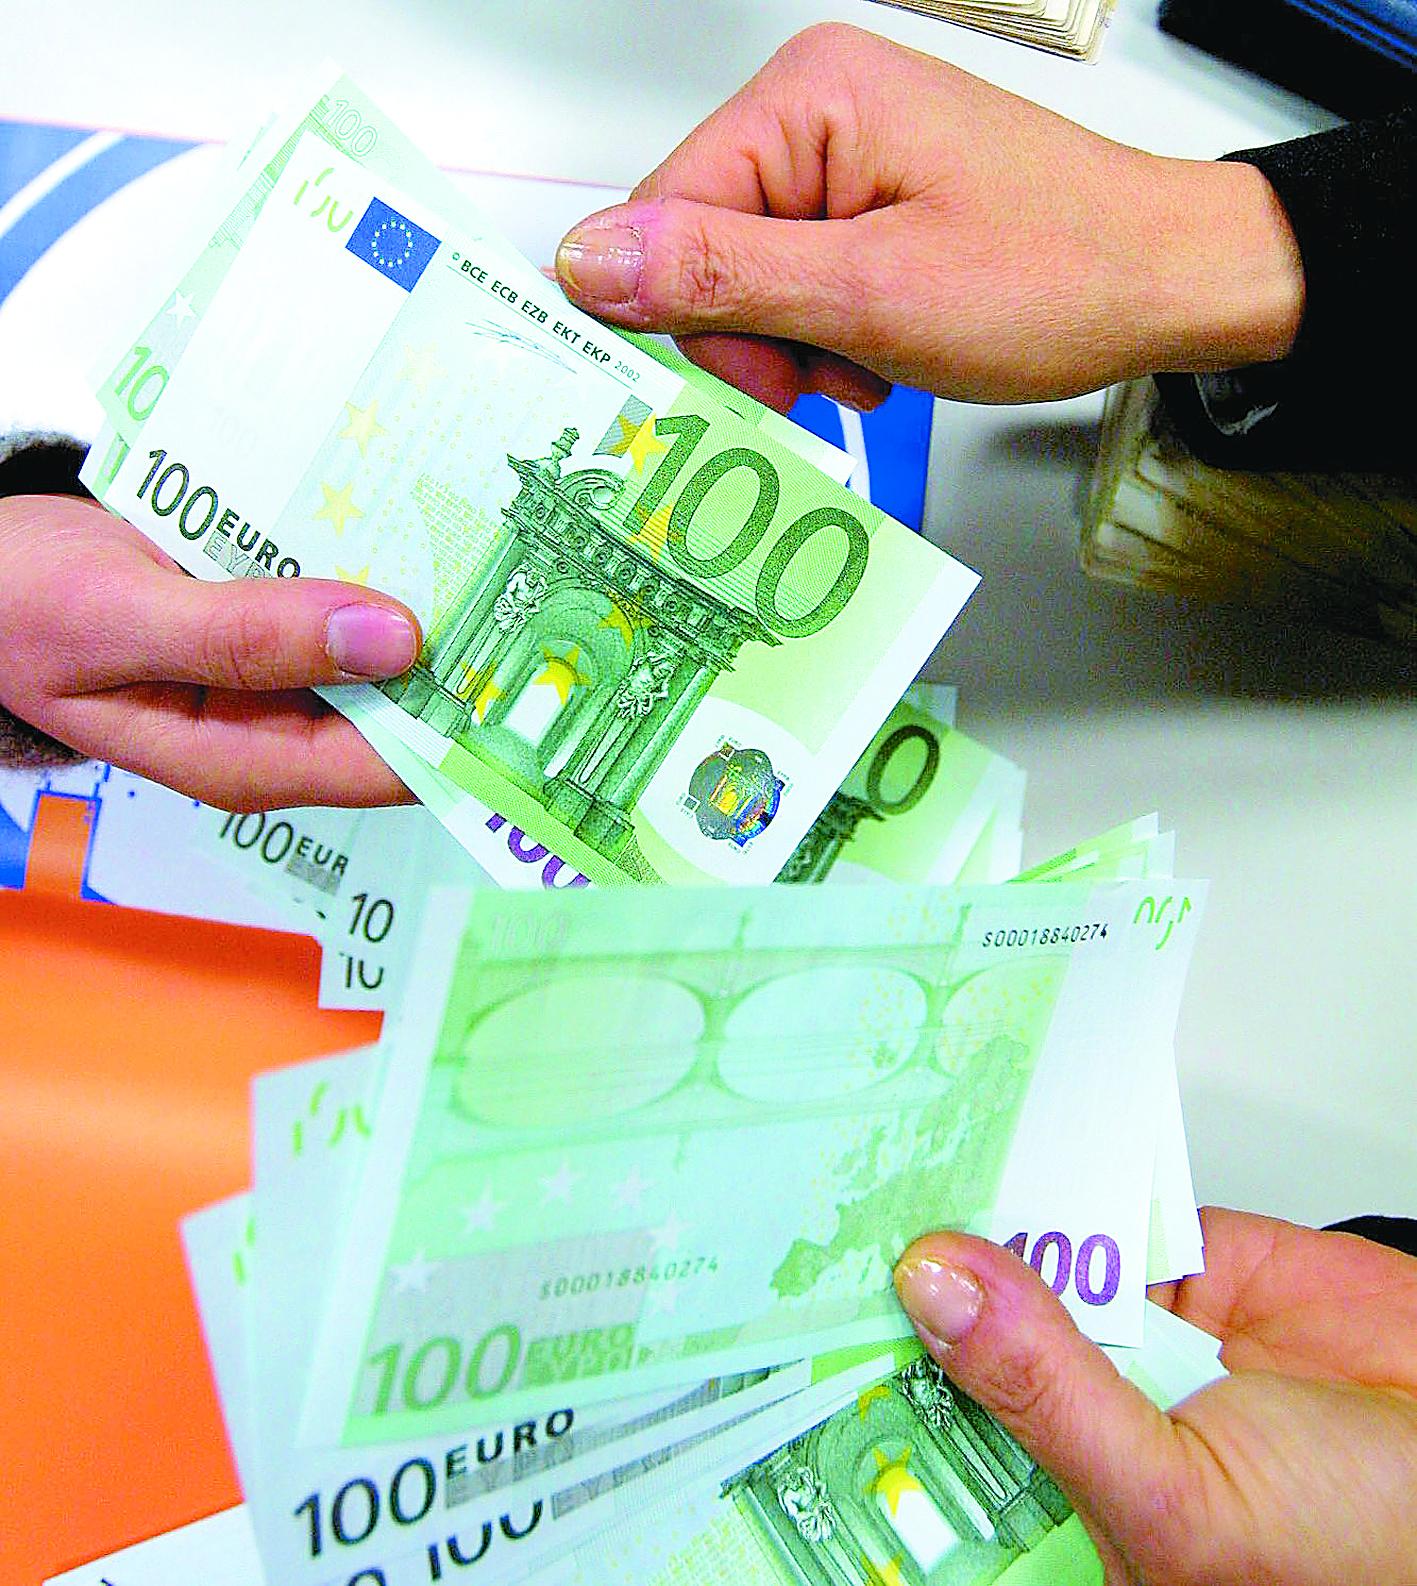 Με πρωτογενές πλεόνασμα το α' τρίμηνο ο προϋπολογισμός –  πονοκέφαλος τα έσοδα   tovima.gr